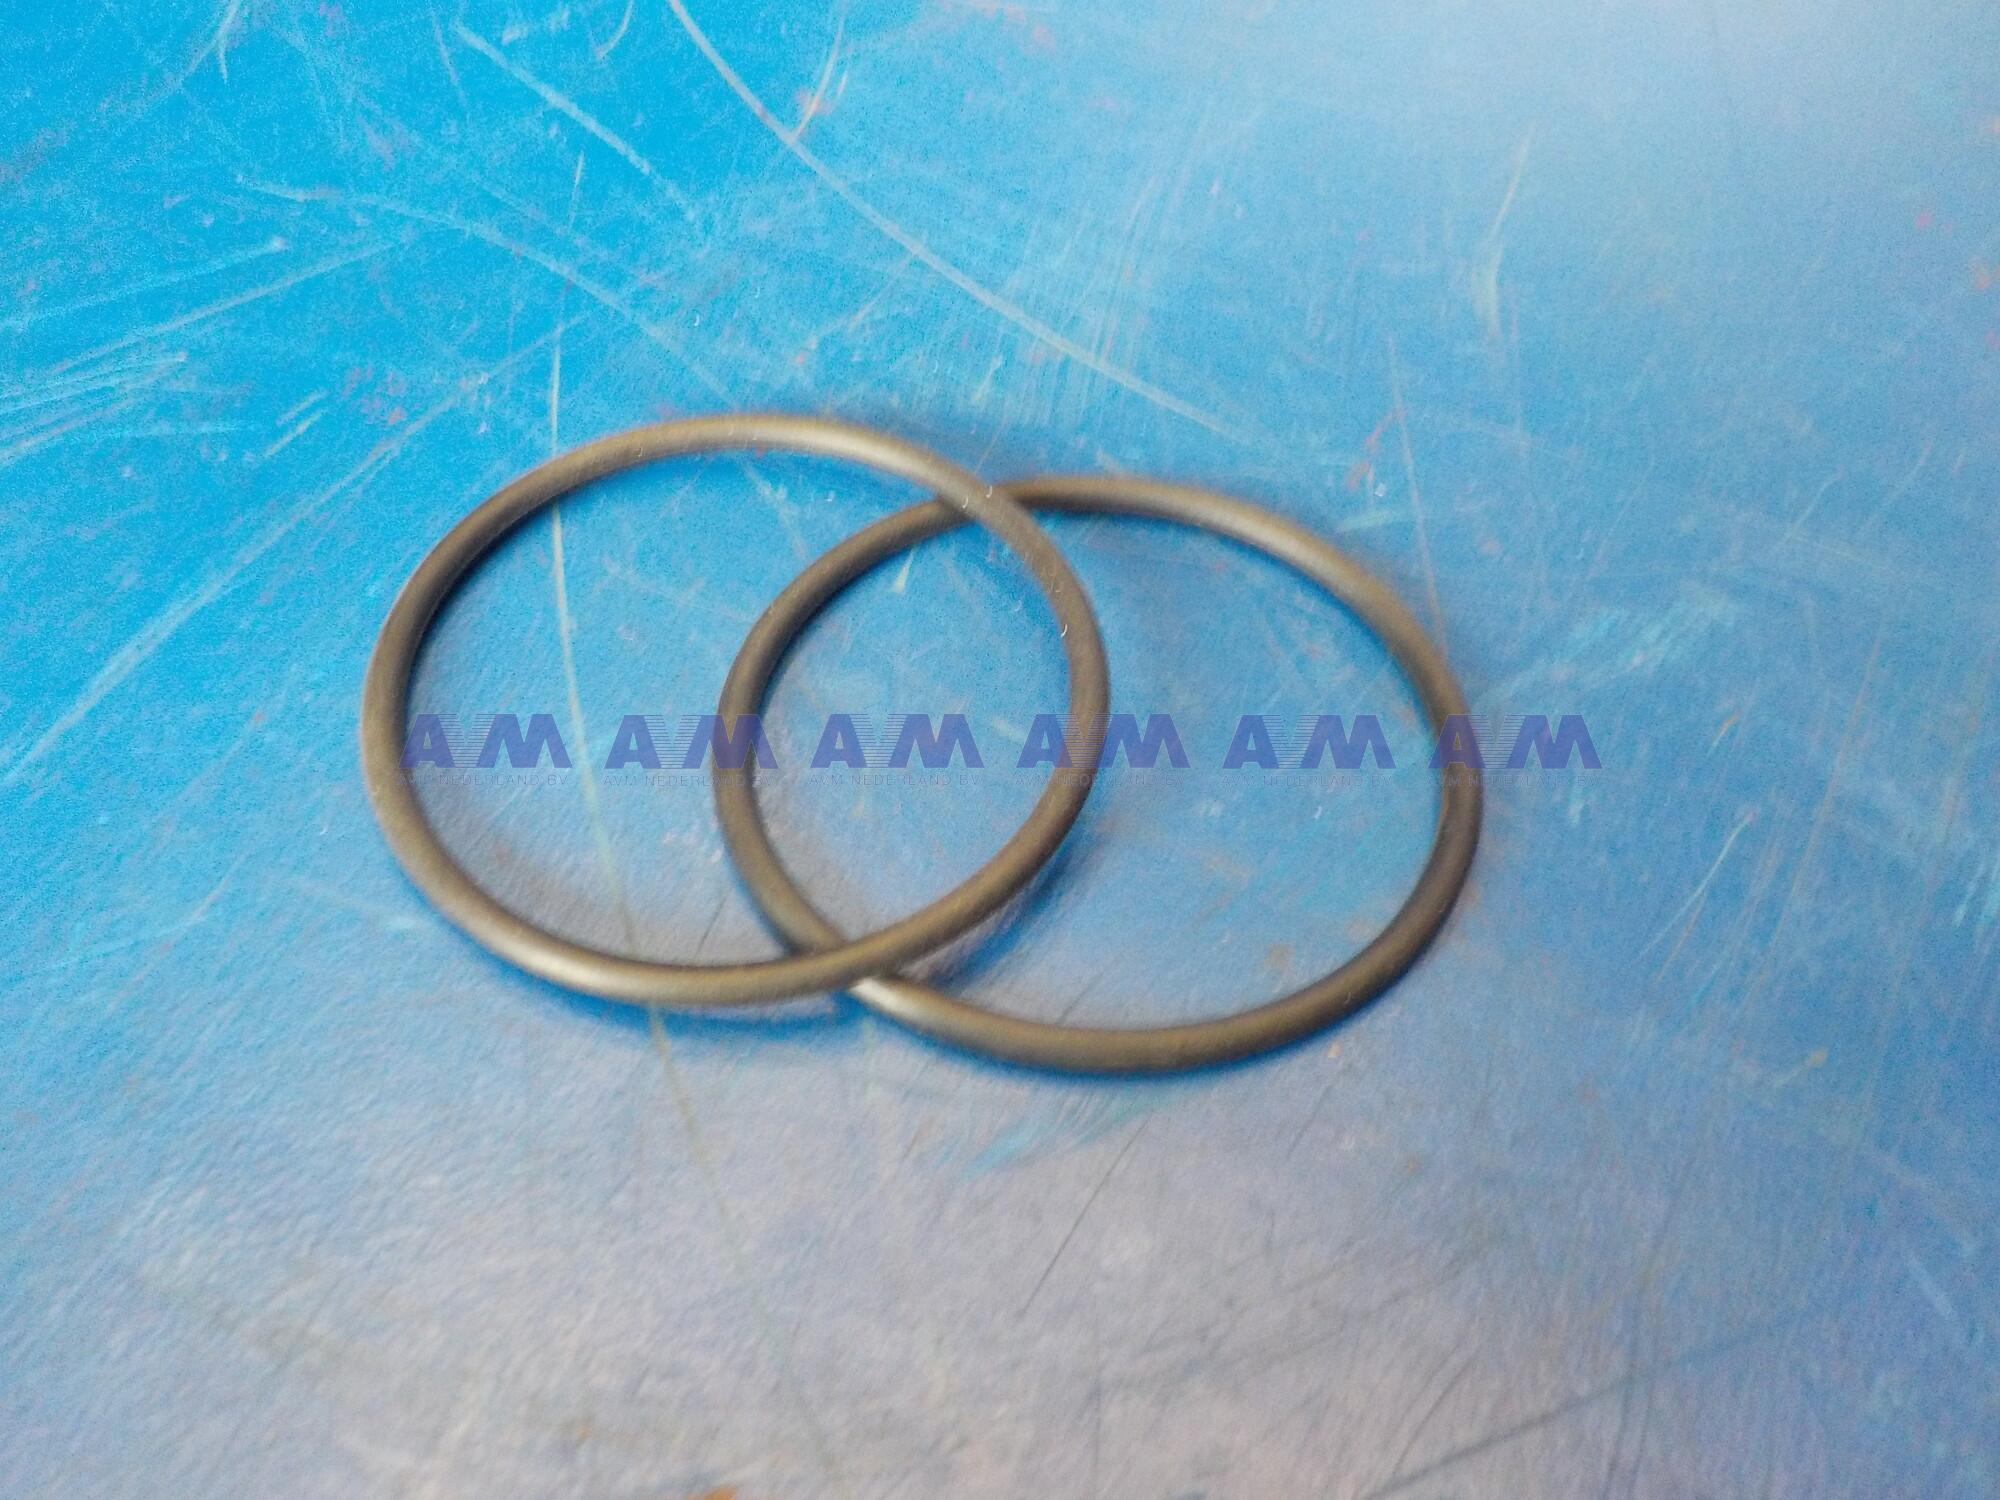 O-ring eindplanetair 9049107317 Grove